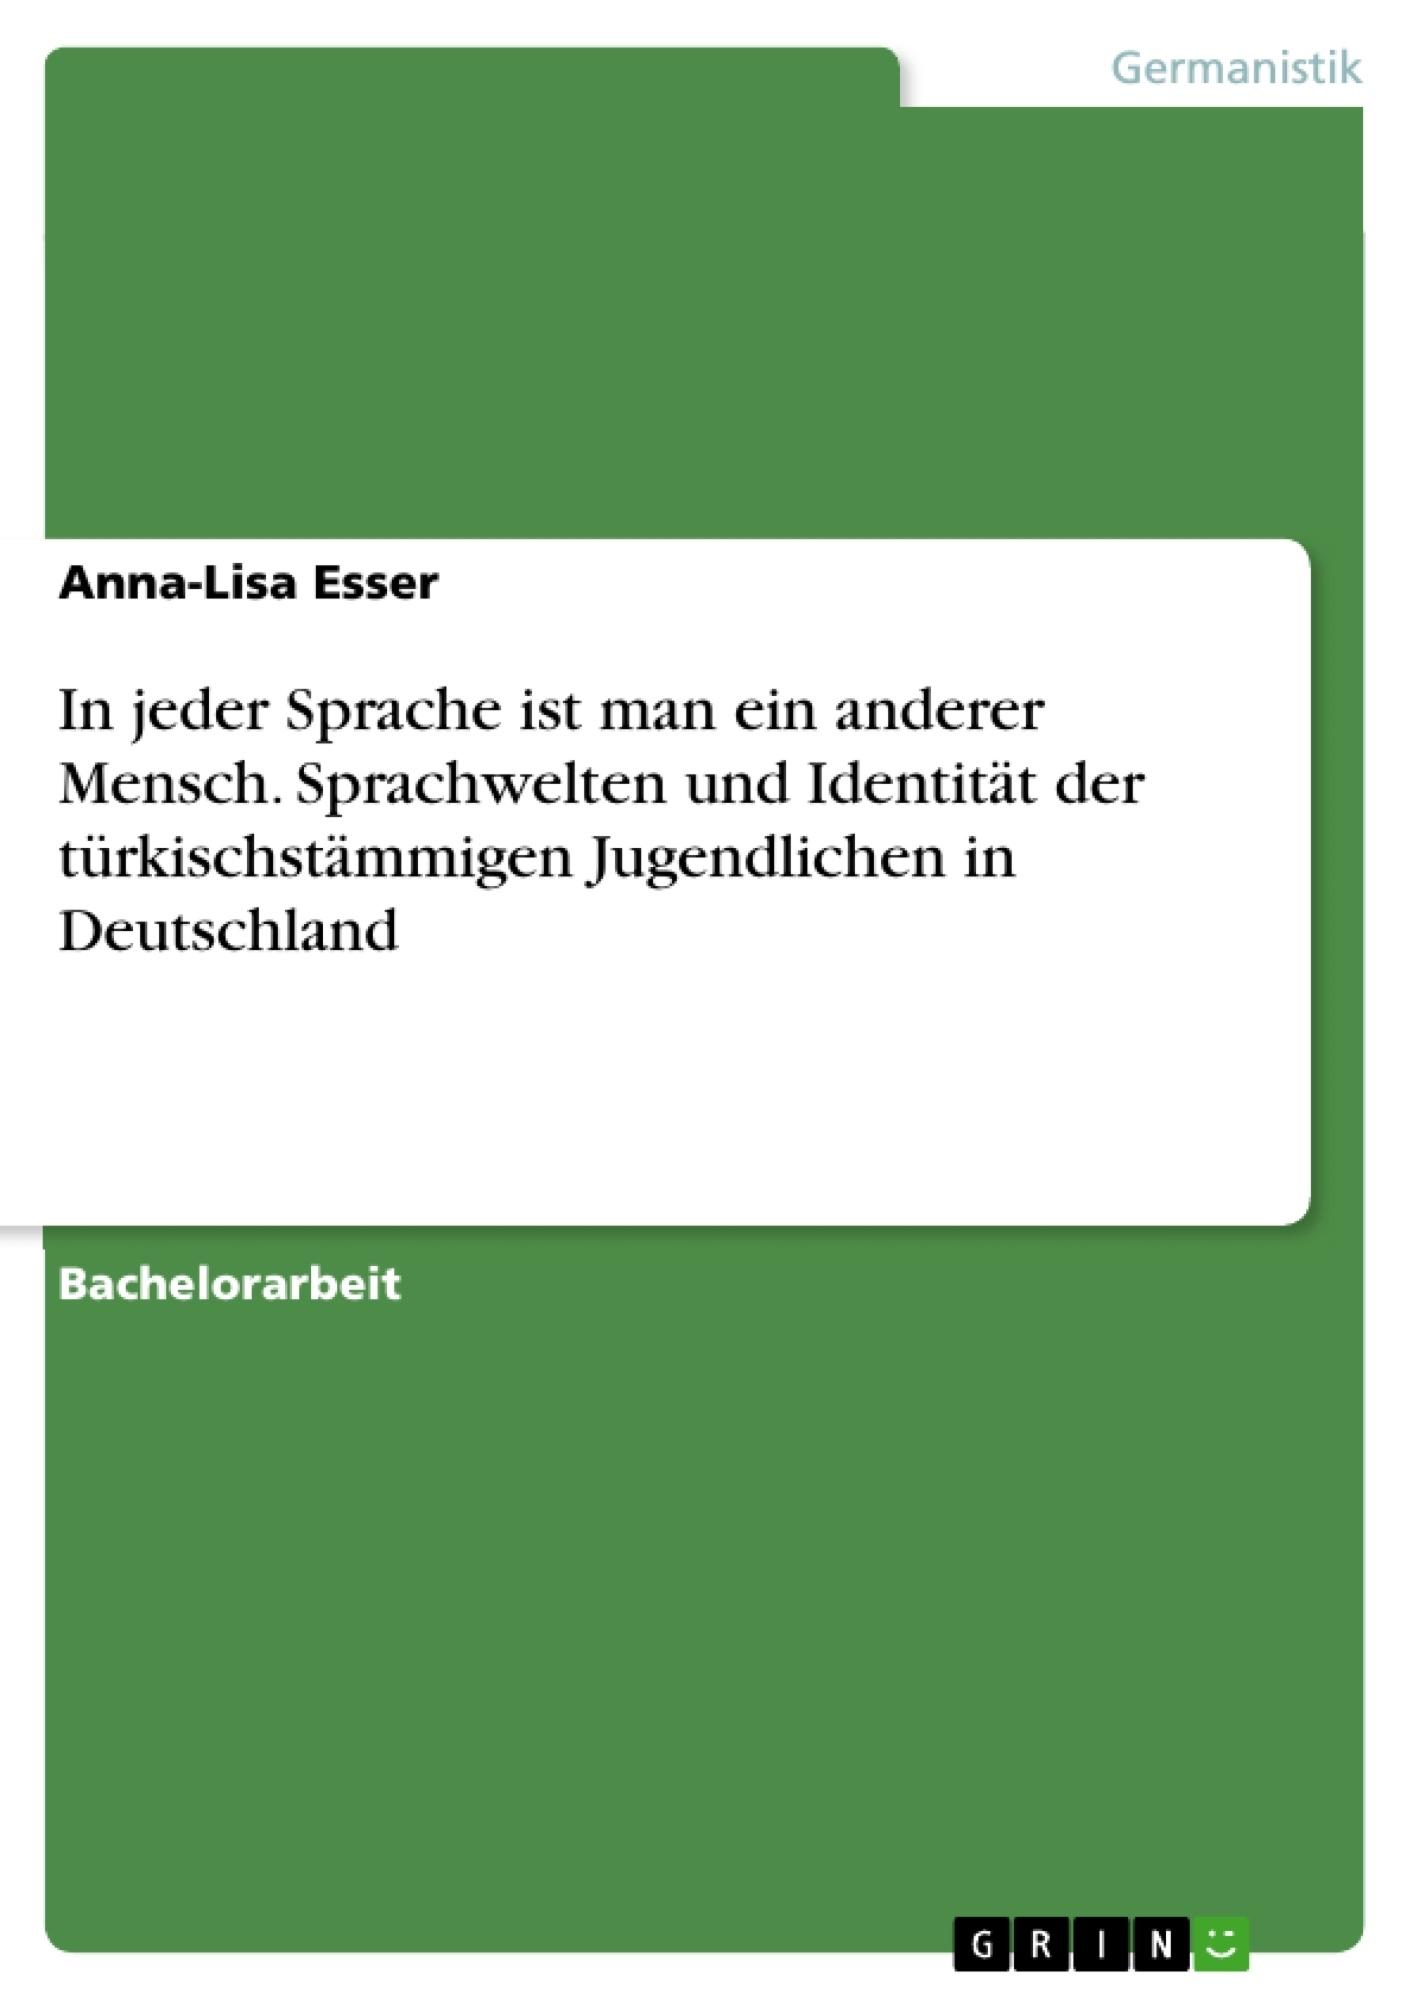 Titel: In jeder Sprache ist man ein anderer Mensch. Sprachwelten und Identität der türkischstämmigen Jugendlichen in Deutschland